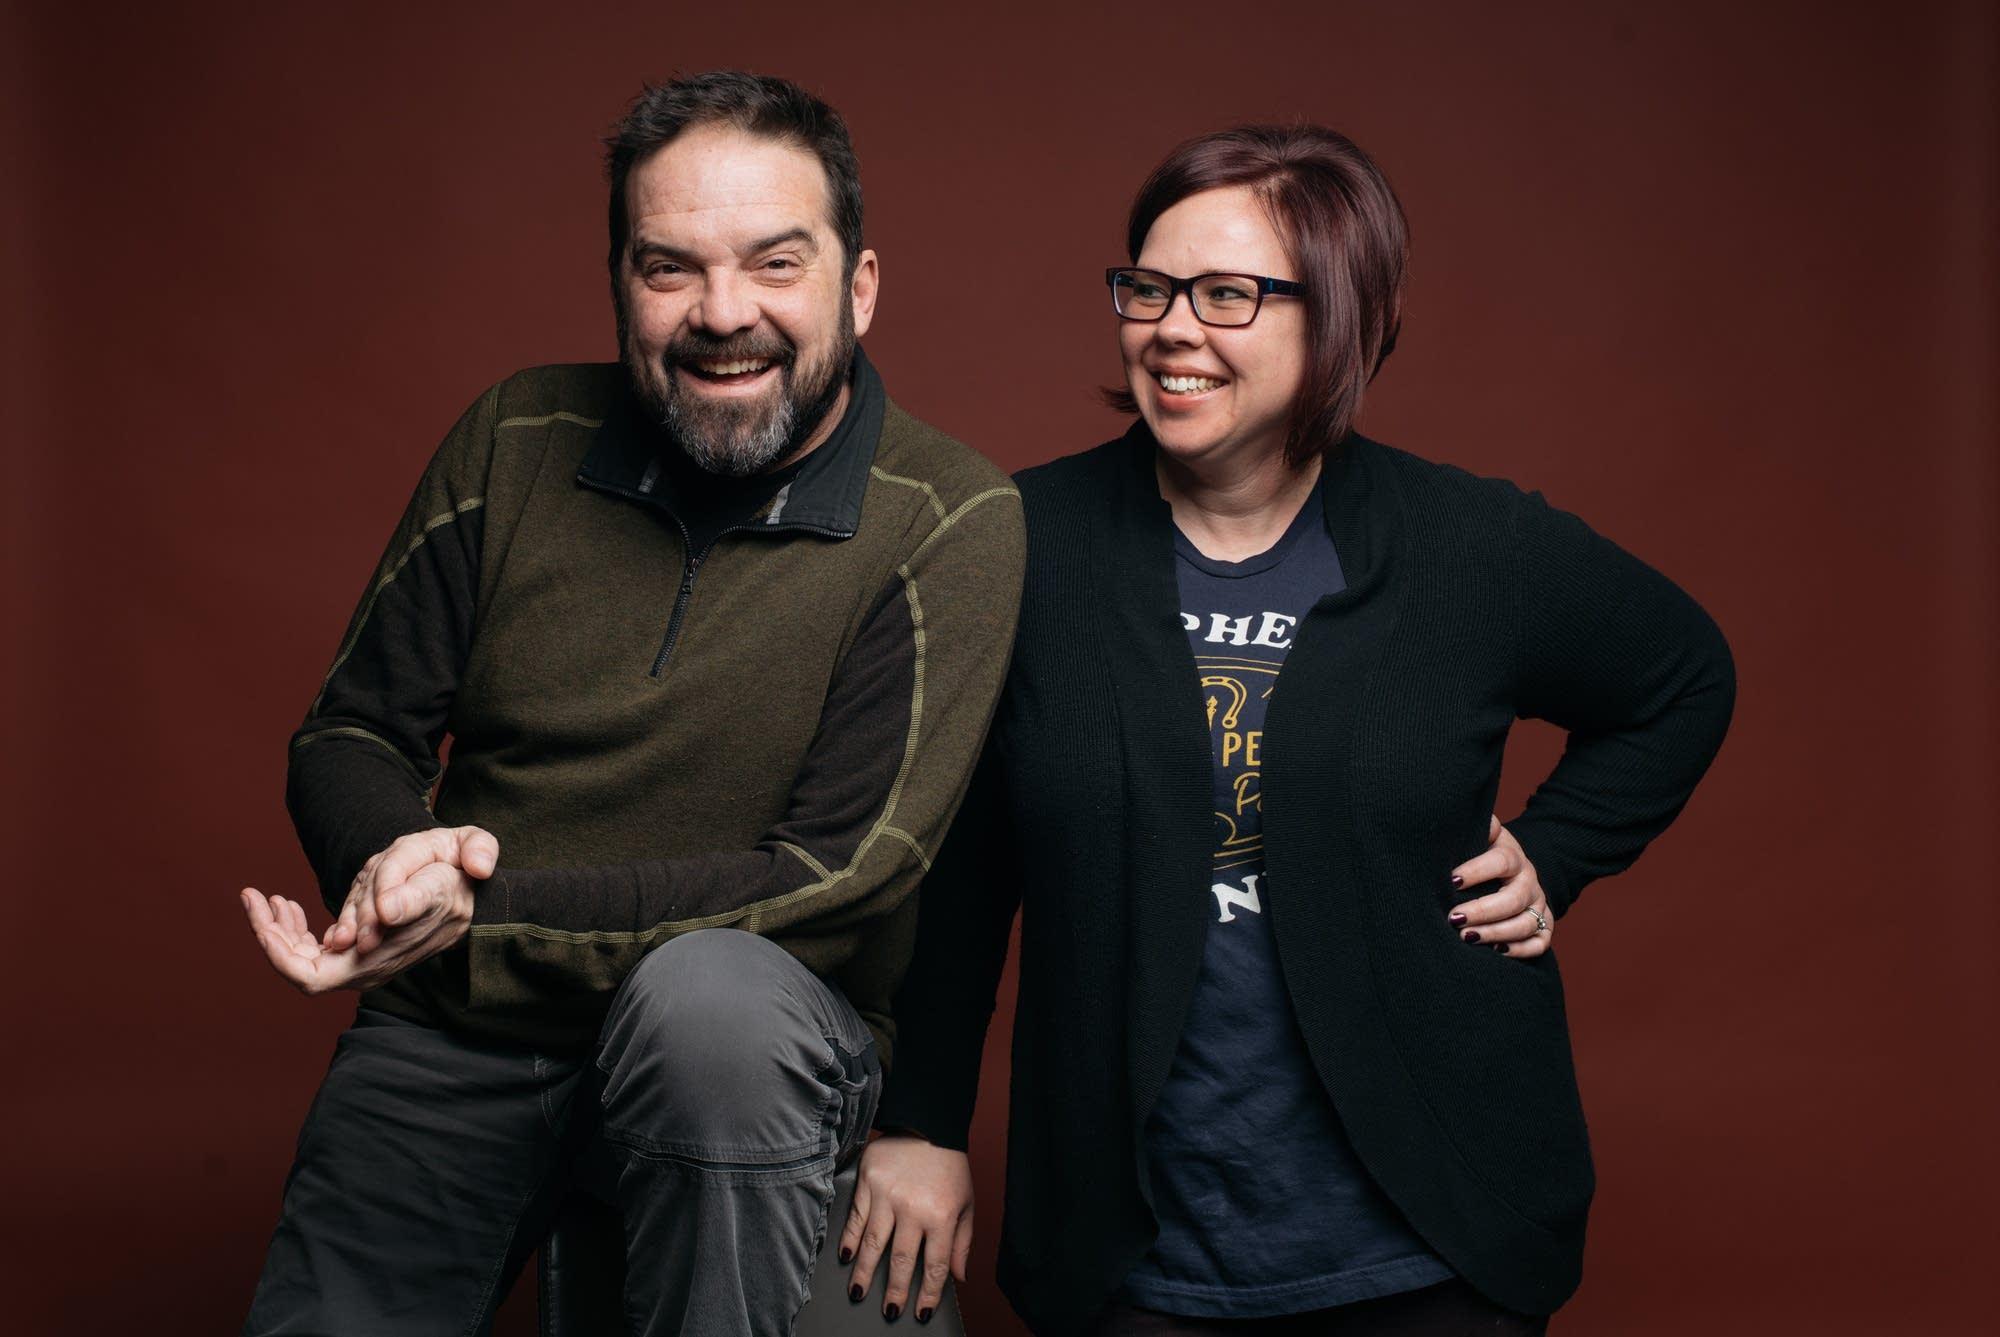 Brian Oake and Jill Riley